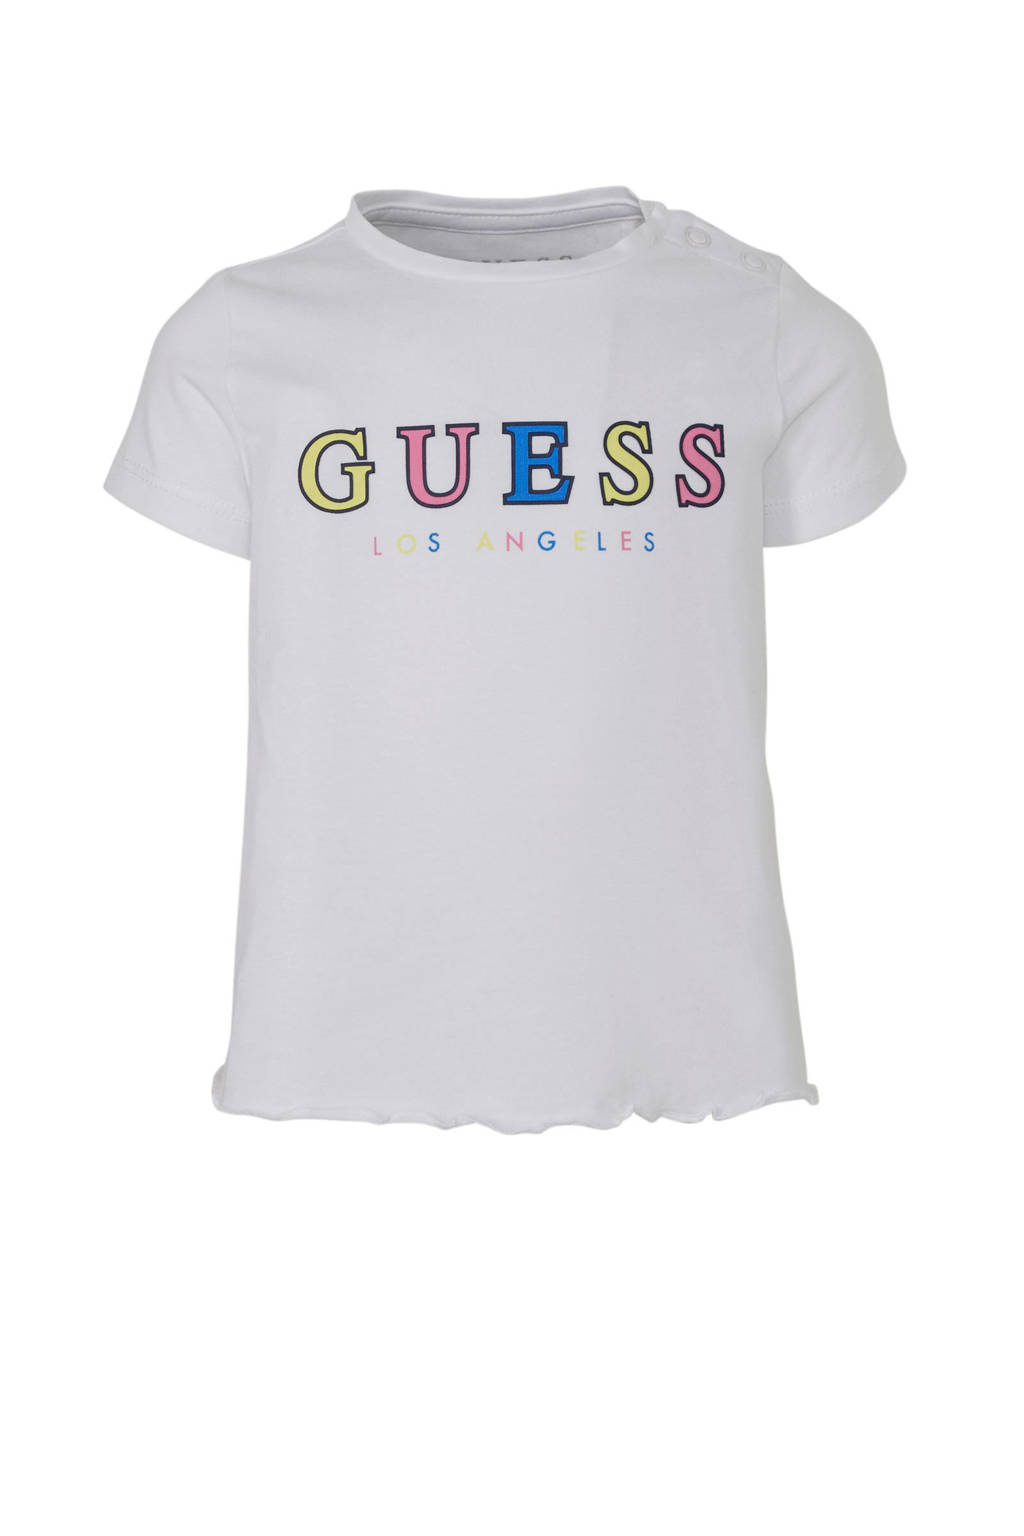 GUESS T-shirt met logo wit, Wit